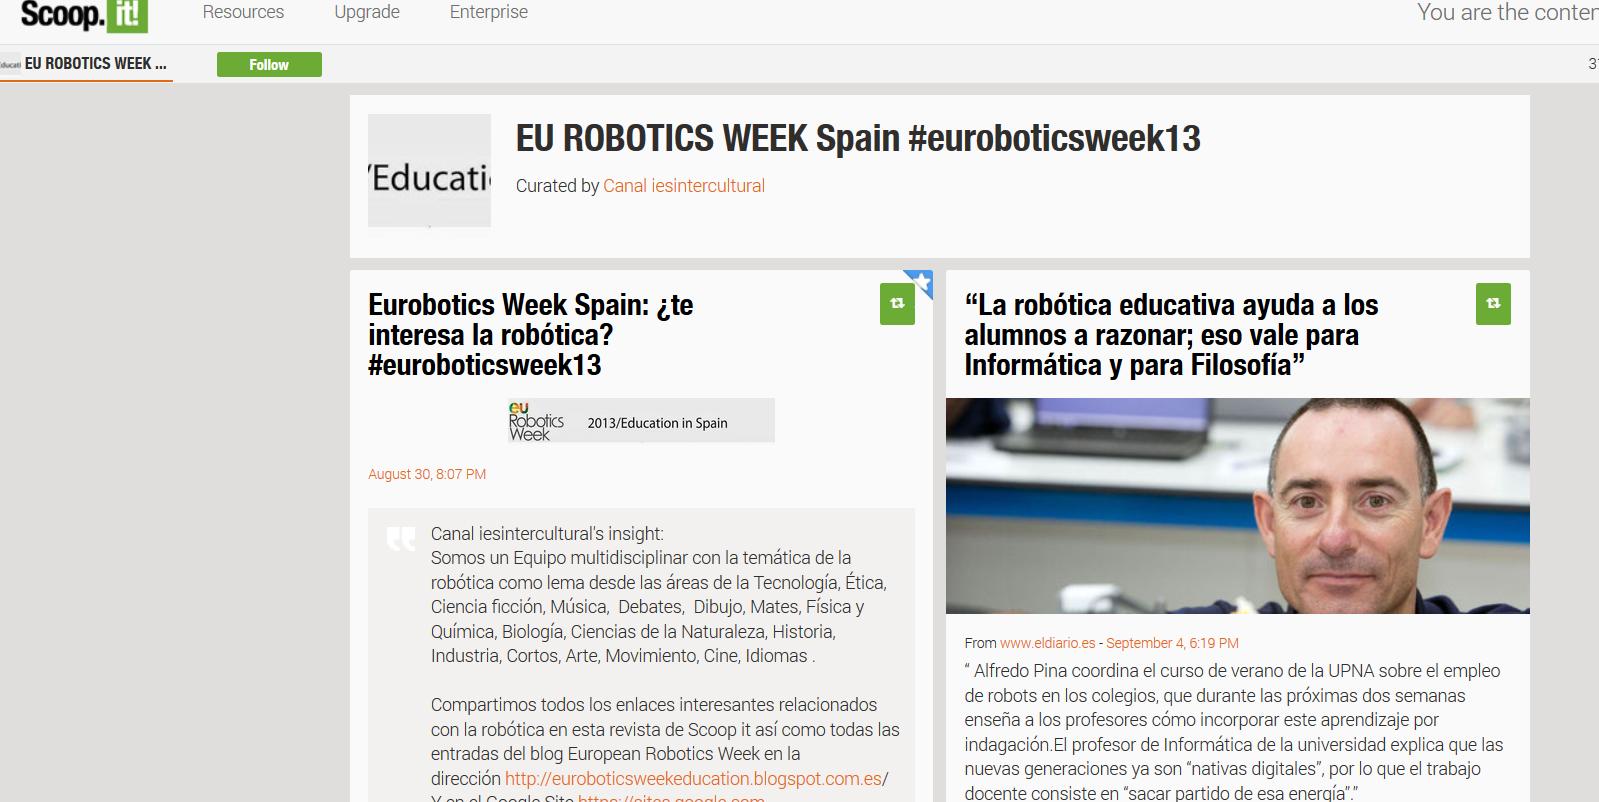 http://www.scoop.it/t/eu-robotics-week